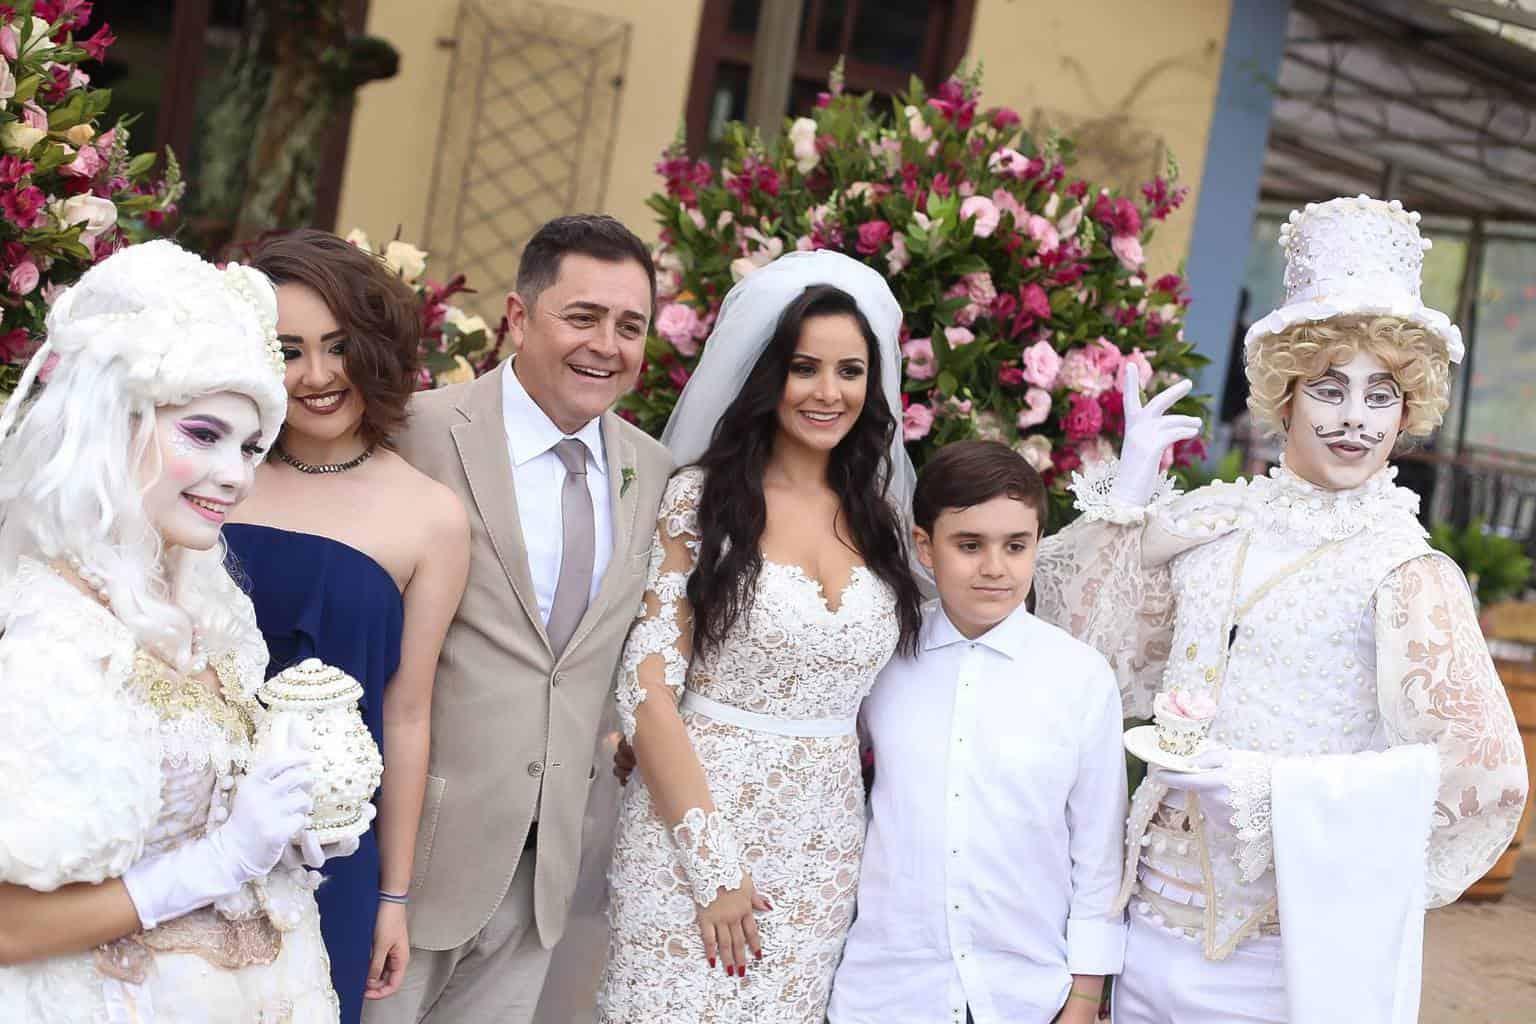 casamento-ariane-e-antonio-carlos-caseme-foto-silvia-penati-10